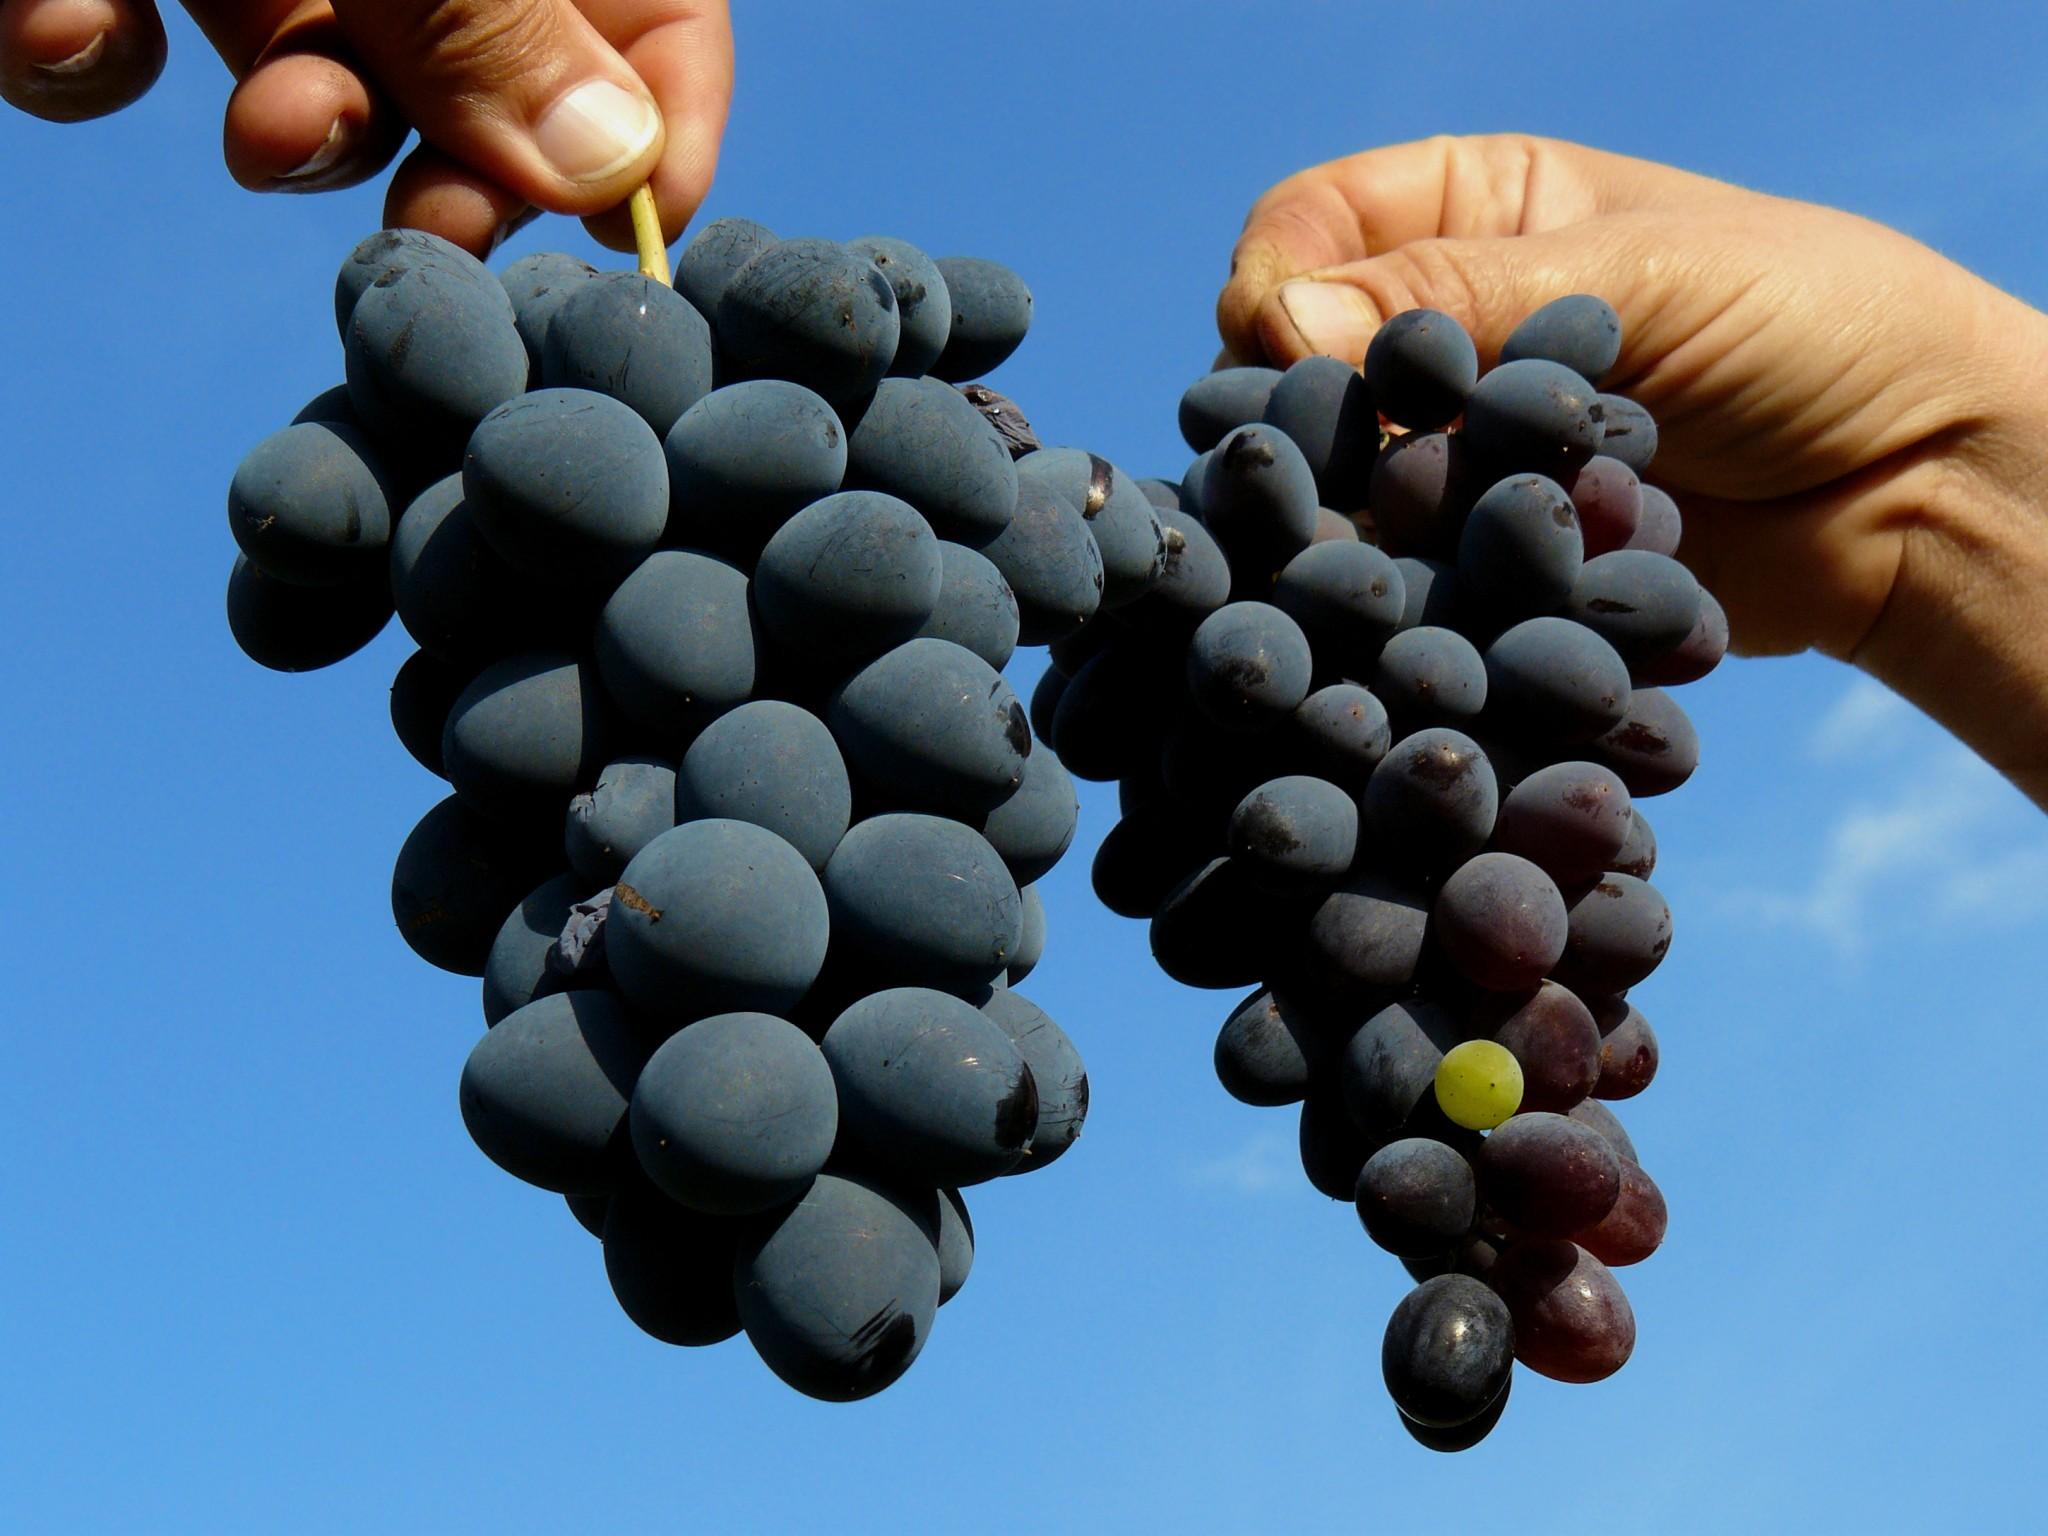 Frutos más grandes y resistentes gracias a cristales de hormona vegetal